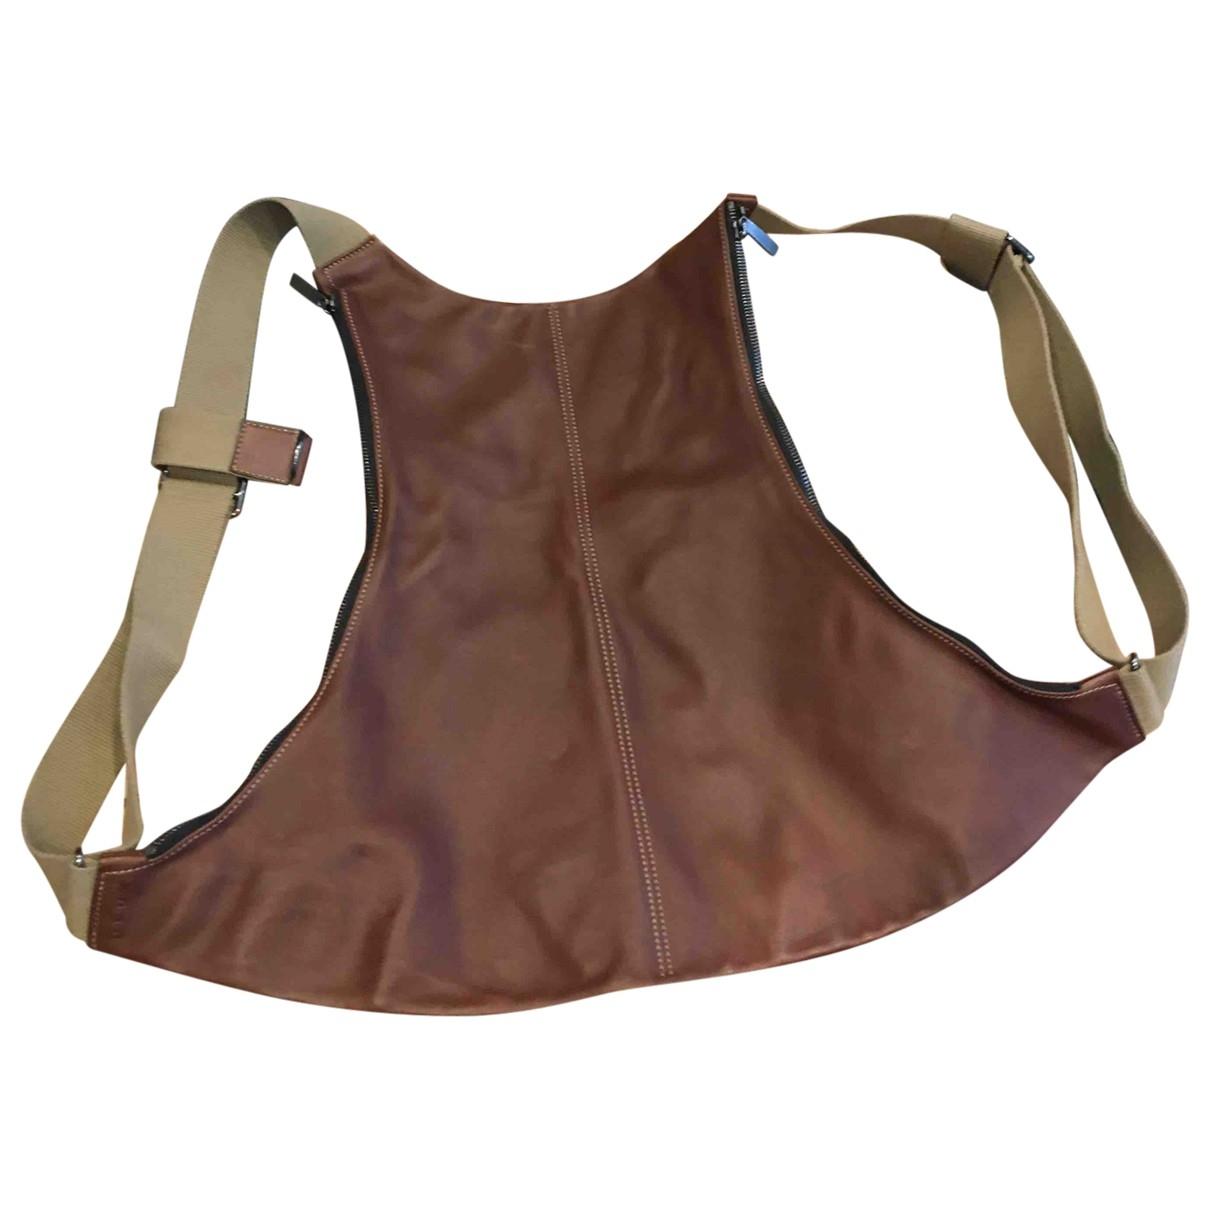 Delvaux - Sac a dos   pour femme en cuir - marron